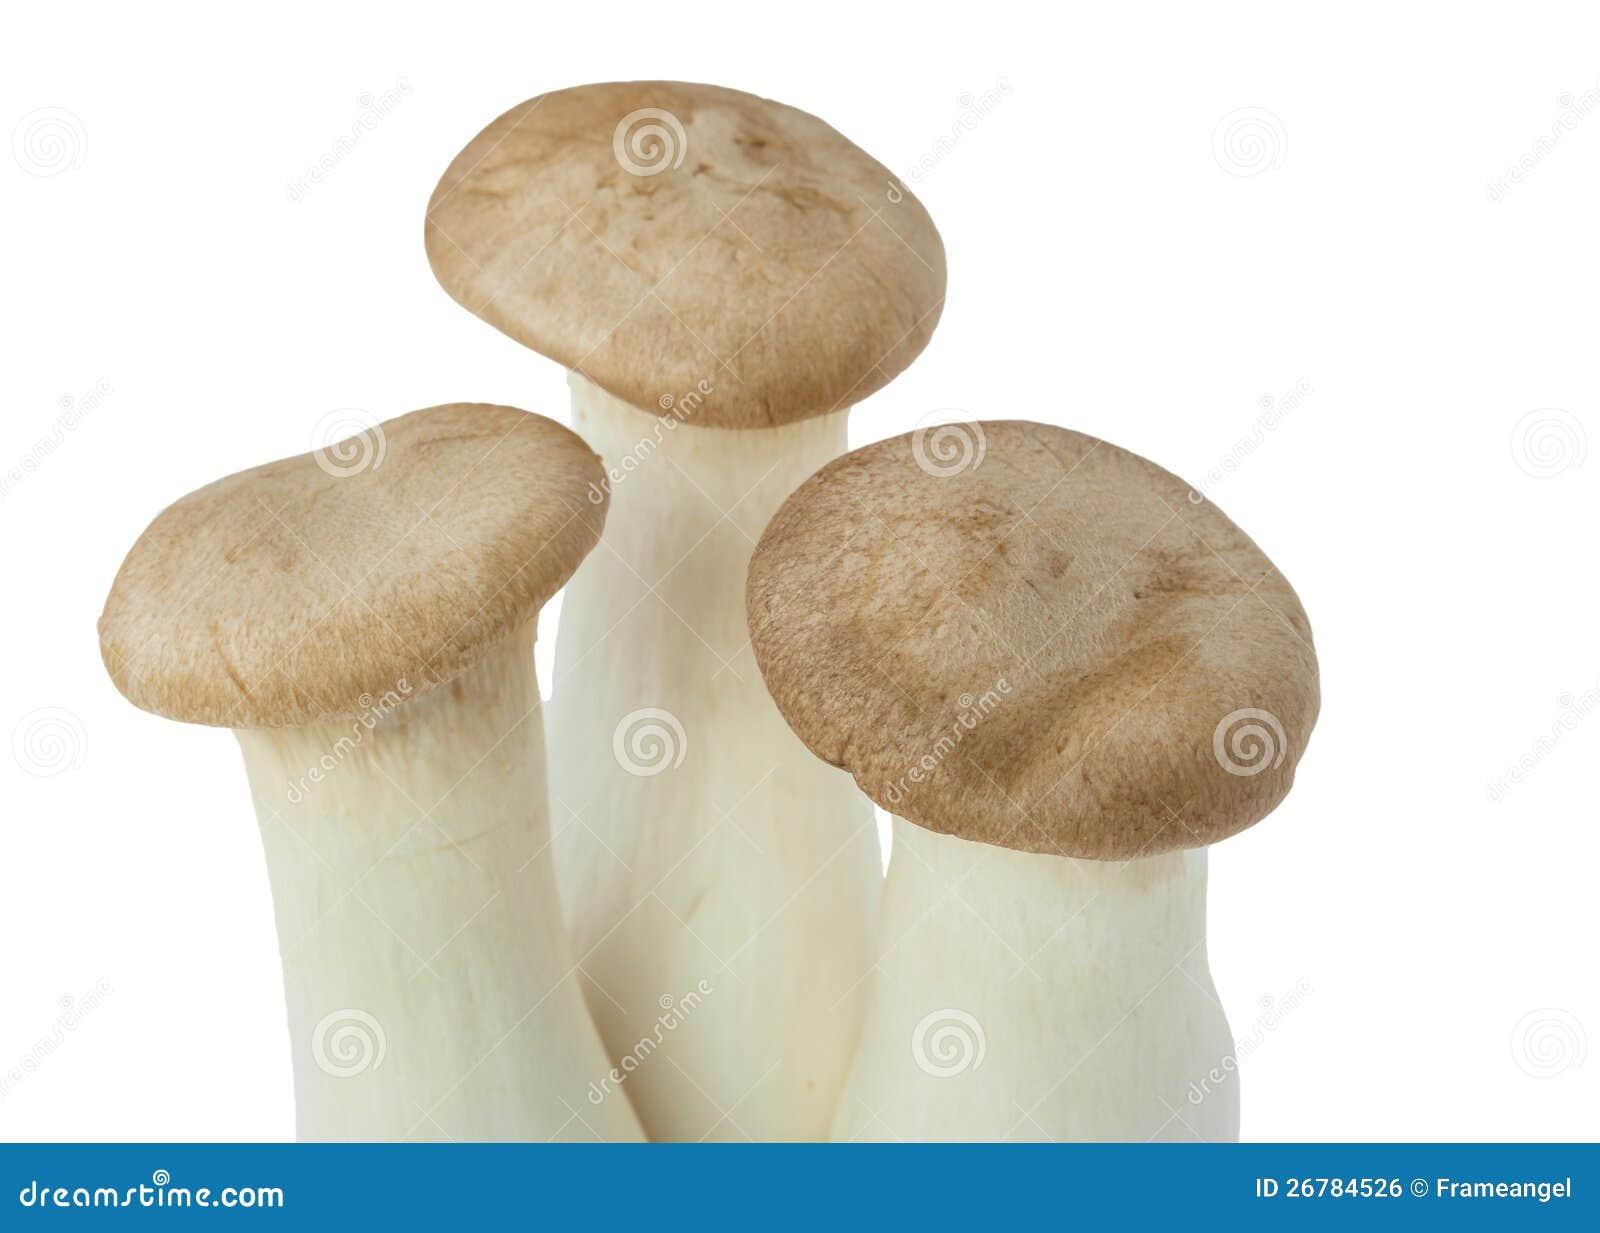 Mushroom Names Eringii Royalty Free Stock Image - Image: 26784526